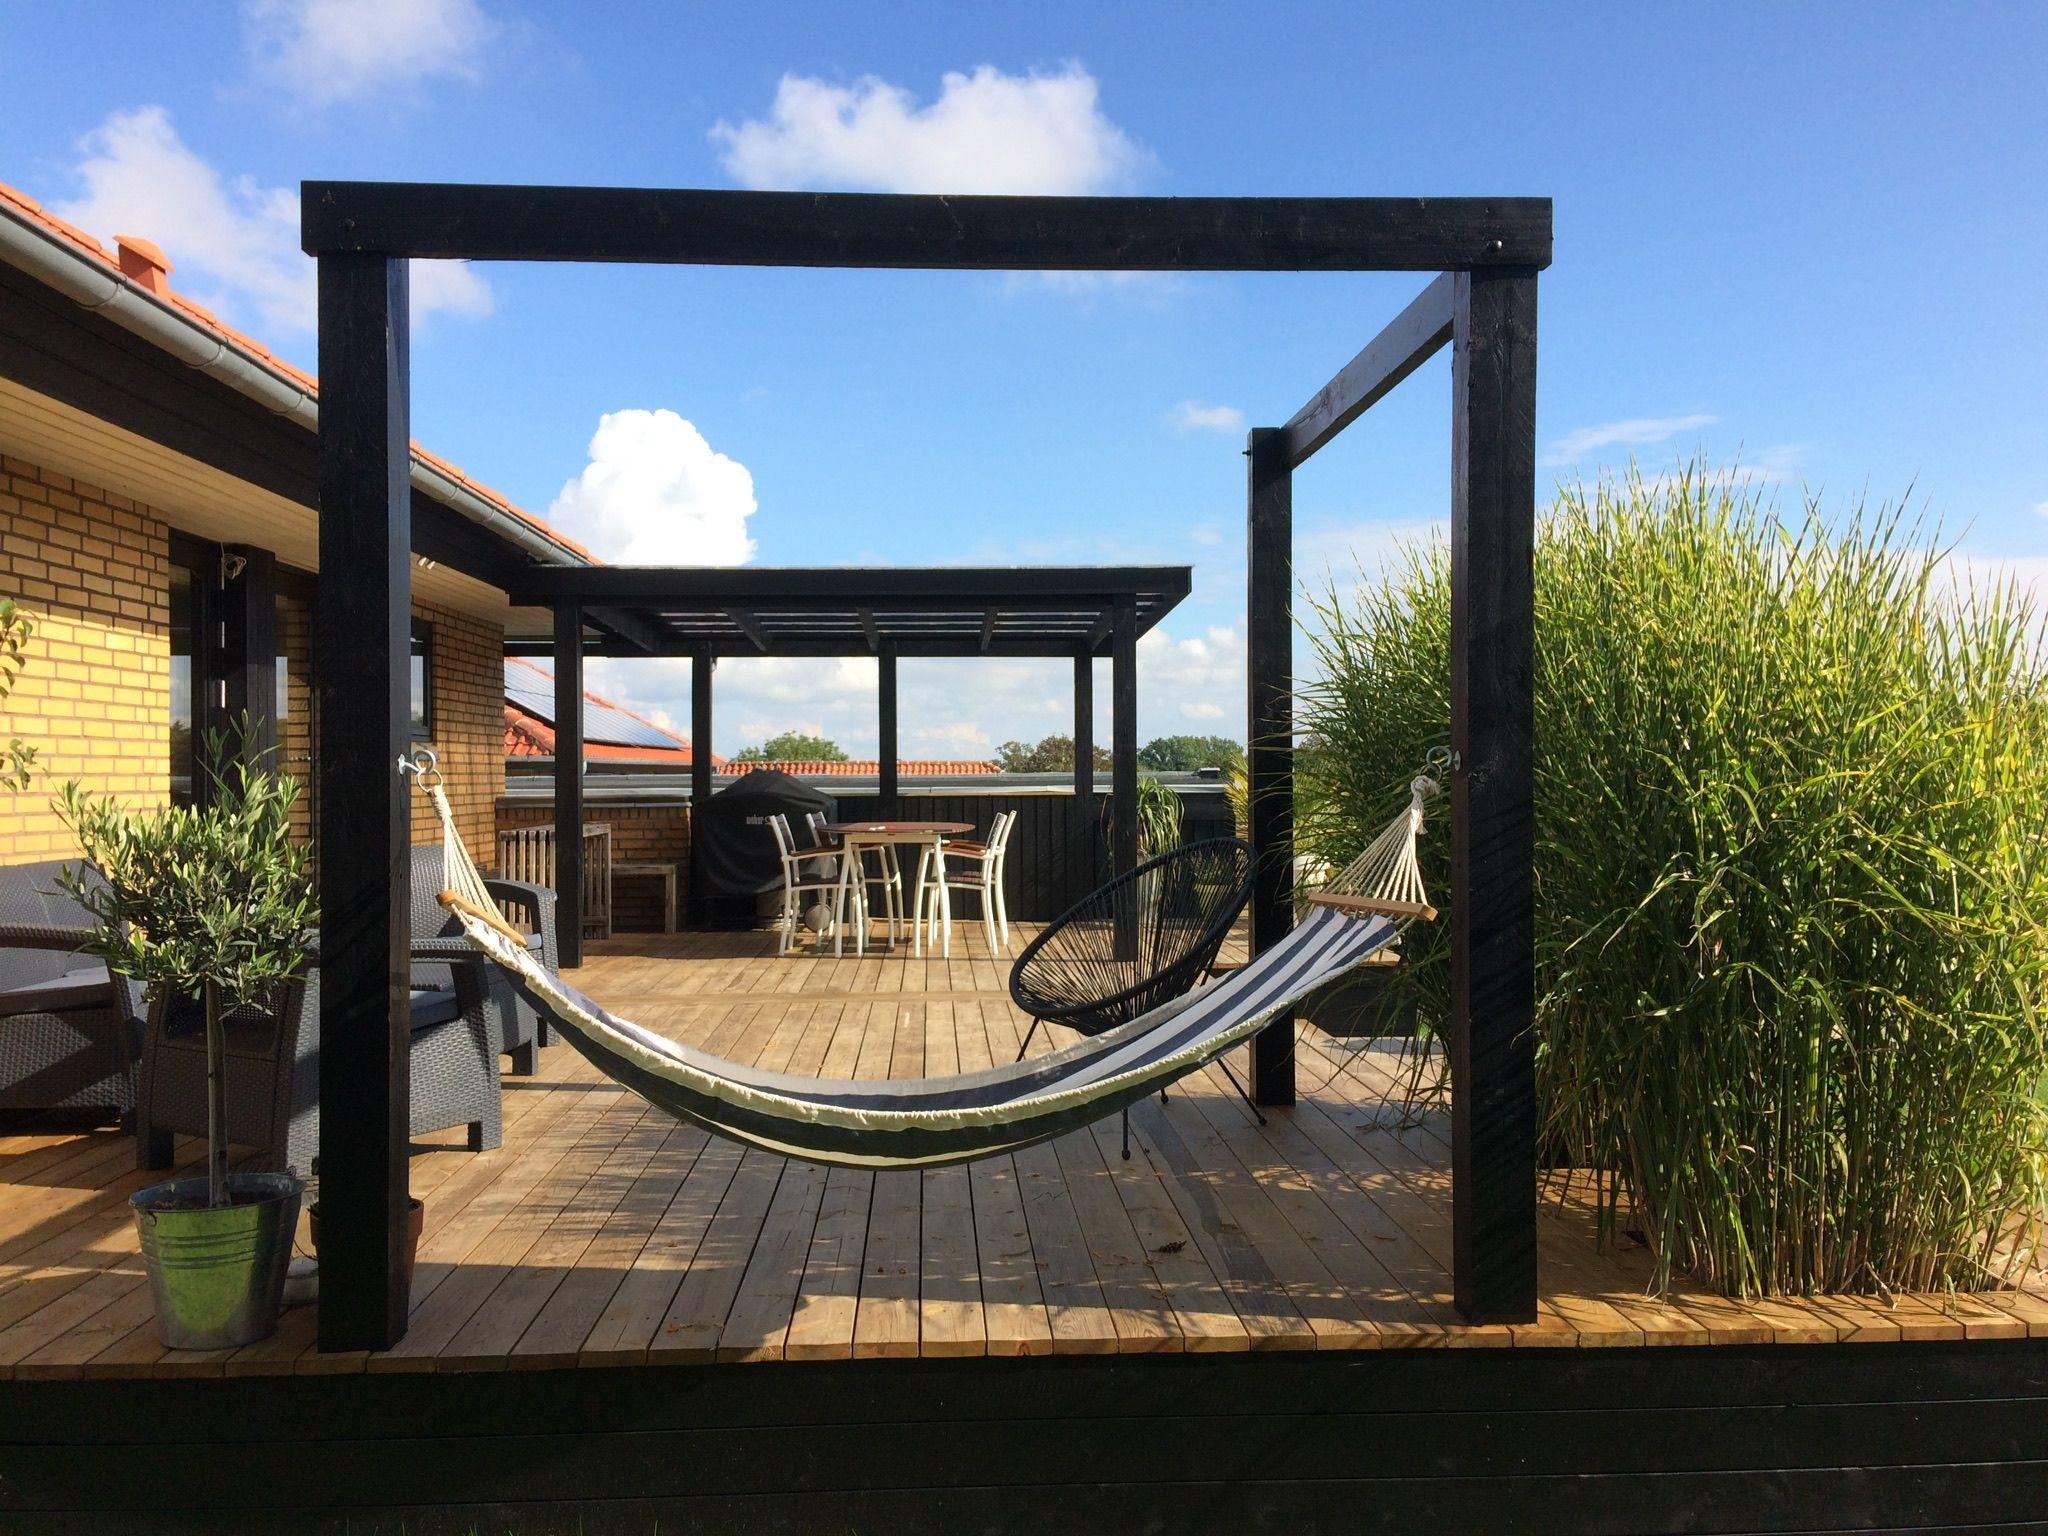 Træterrasse, rum, bjælker, Garden dreams